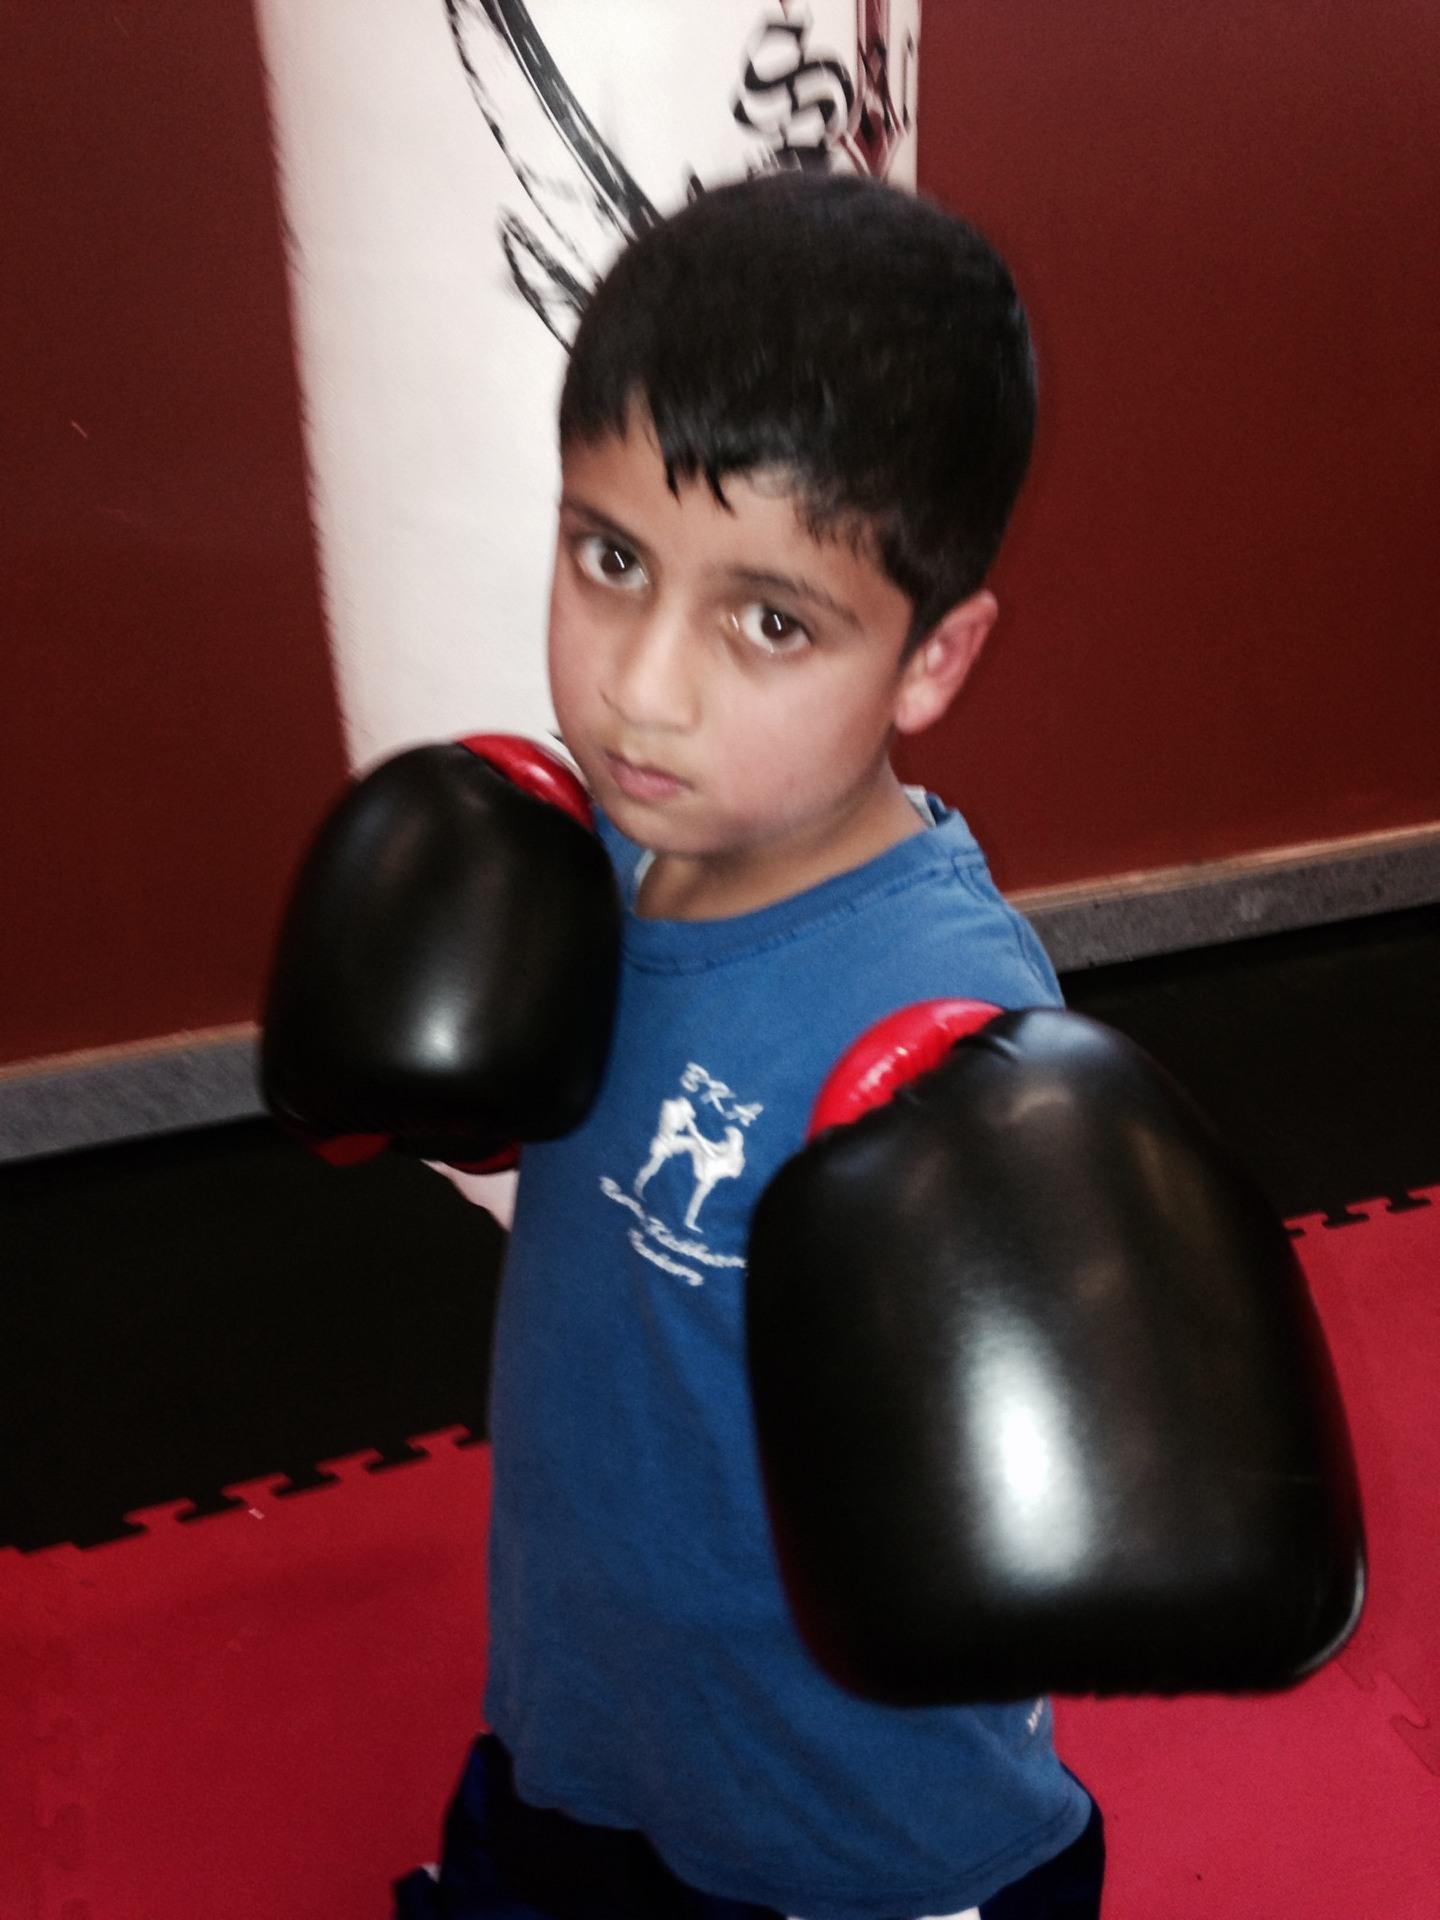 Adam Akhtar, Age 7yrs, 26kg